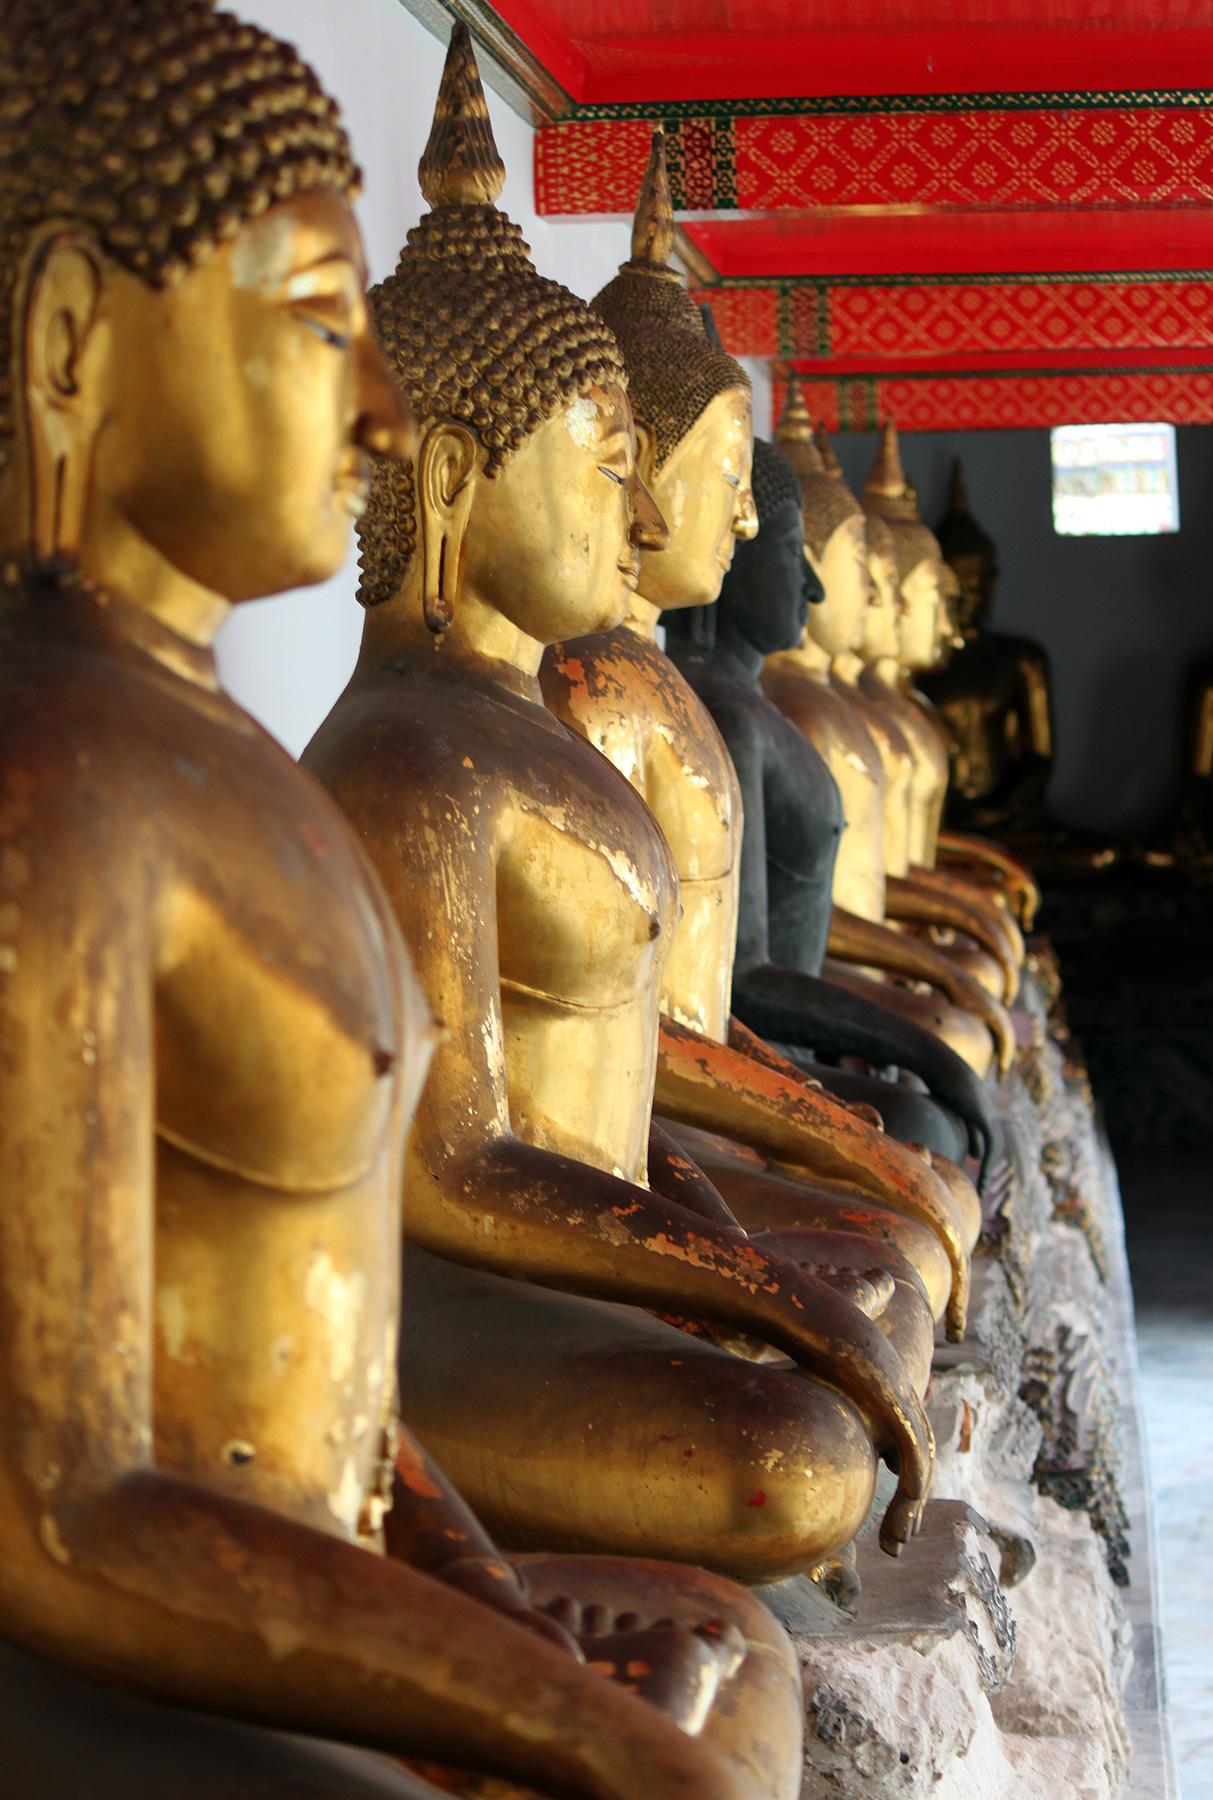 tempels-bangkok-thailand-11